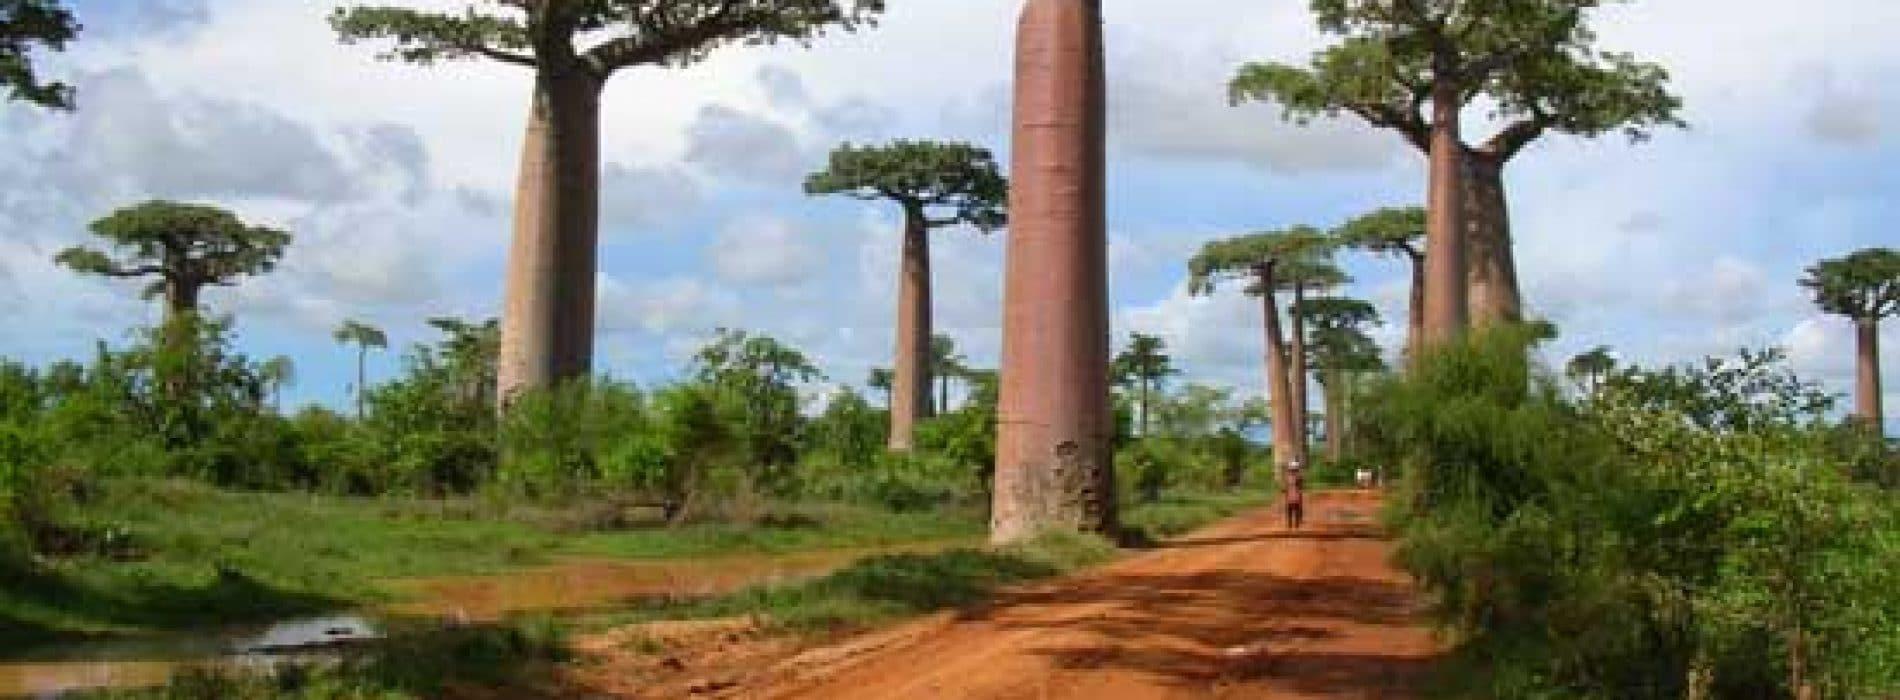 Paris- Madagascar : bien se préparer pour 10 heures de vol.